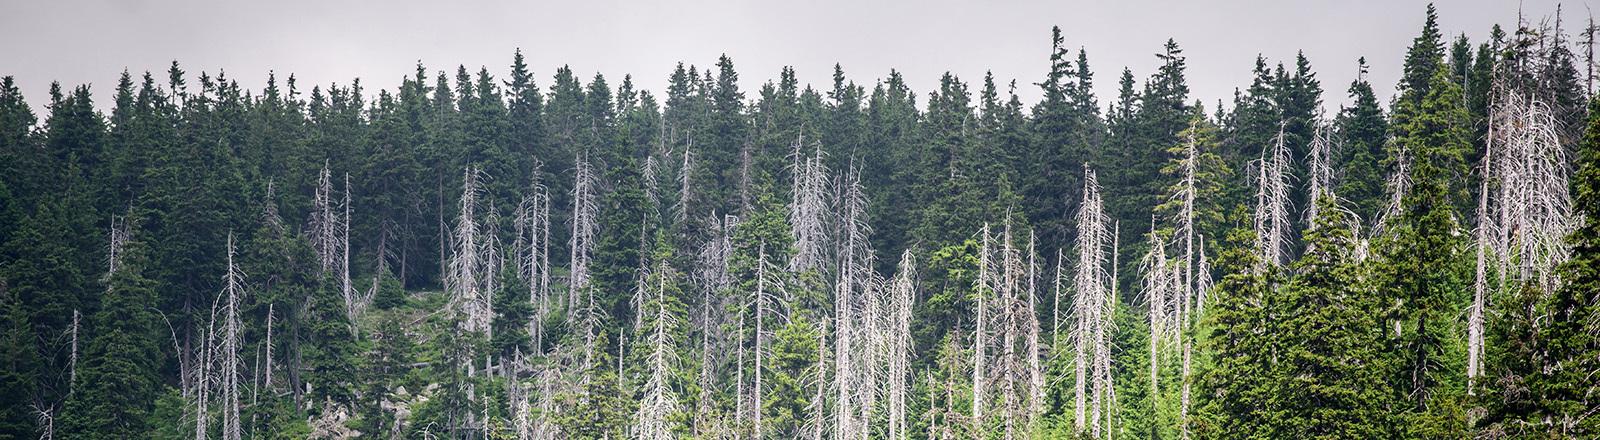 Im Riesengebirge stehen gesunde und kranke Bäume teilweise direkt nebeneinander, aufgenommen am 06.07.2015 in der Nähe von Spindlermühle (Tschechien). Foto: Thomas Eisenhuth/dpa